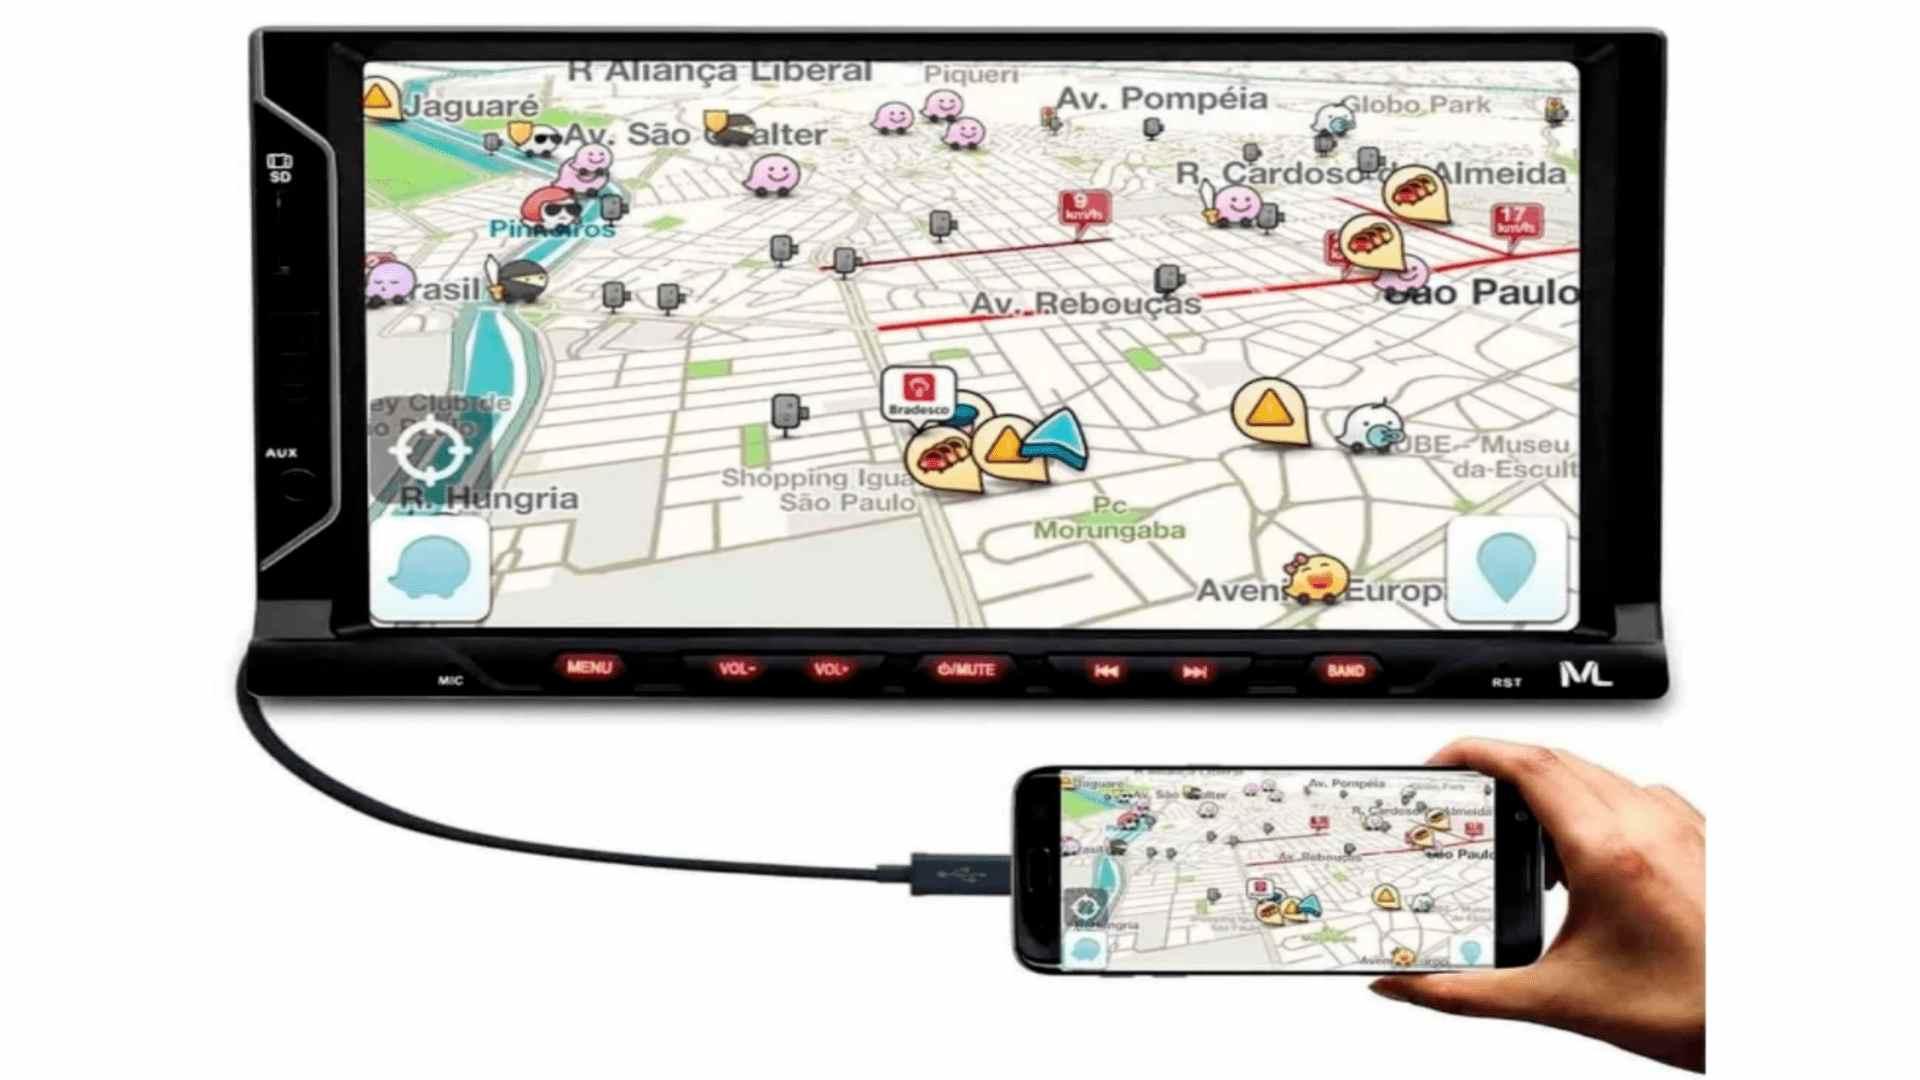 Imagem mostra central multimídia Evolve Fit P3328, seu visor e seus botões